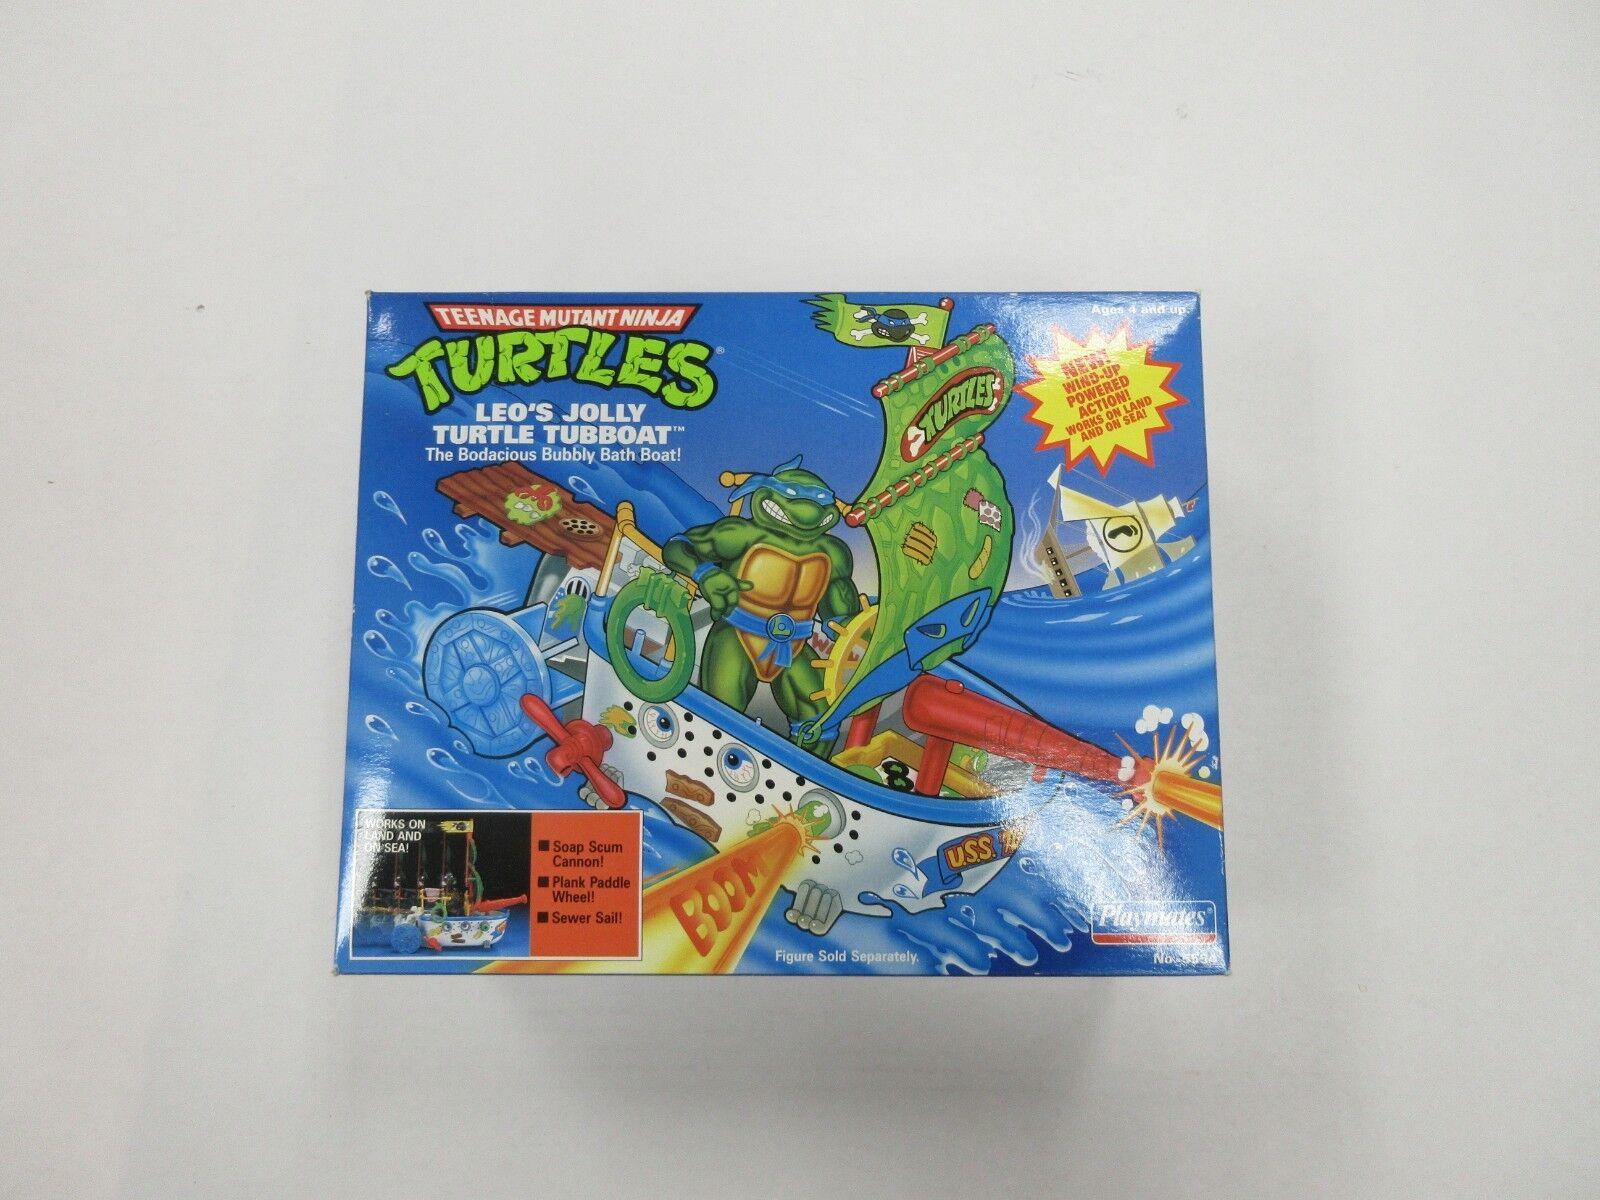 1991 TMNT NINJA TURTLES LEO'S JOLLY TURTLE TUBBOAT FIGURE VEHICLE SEALED